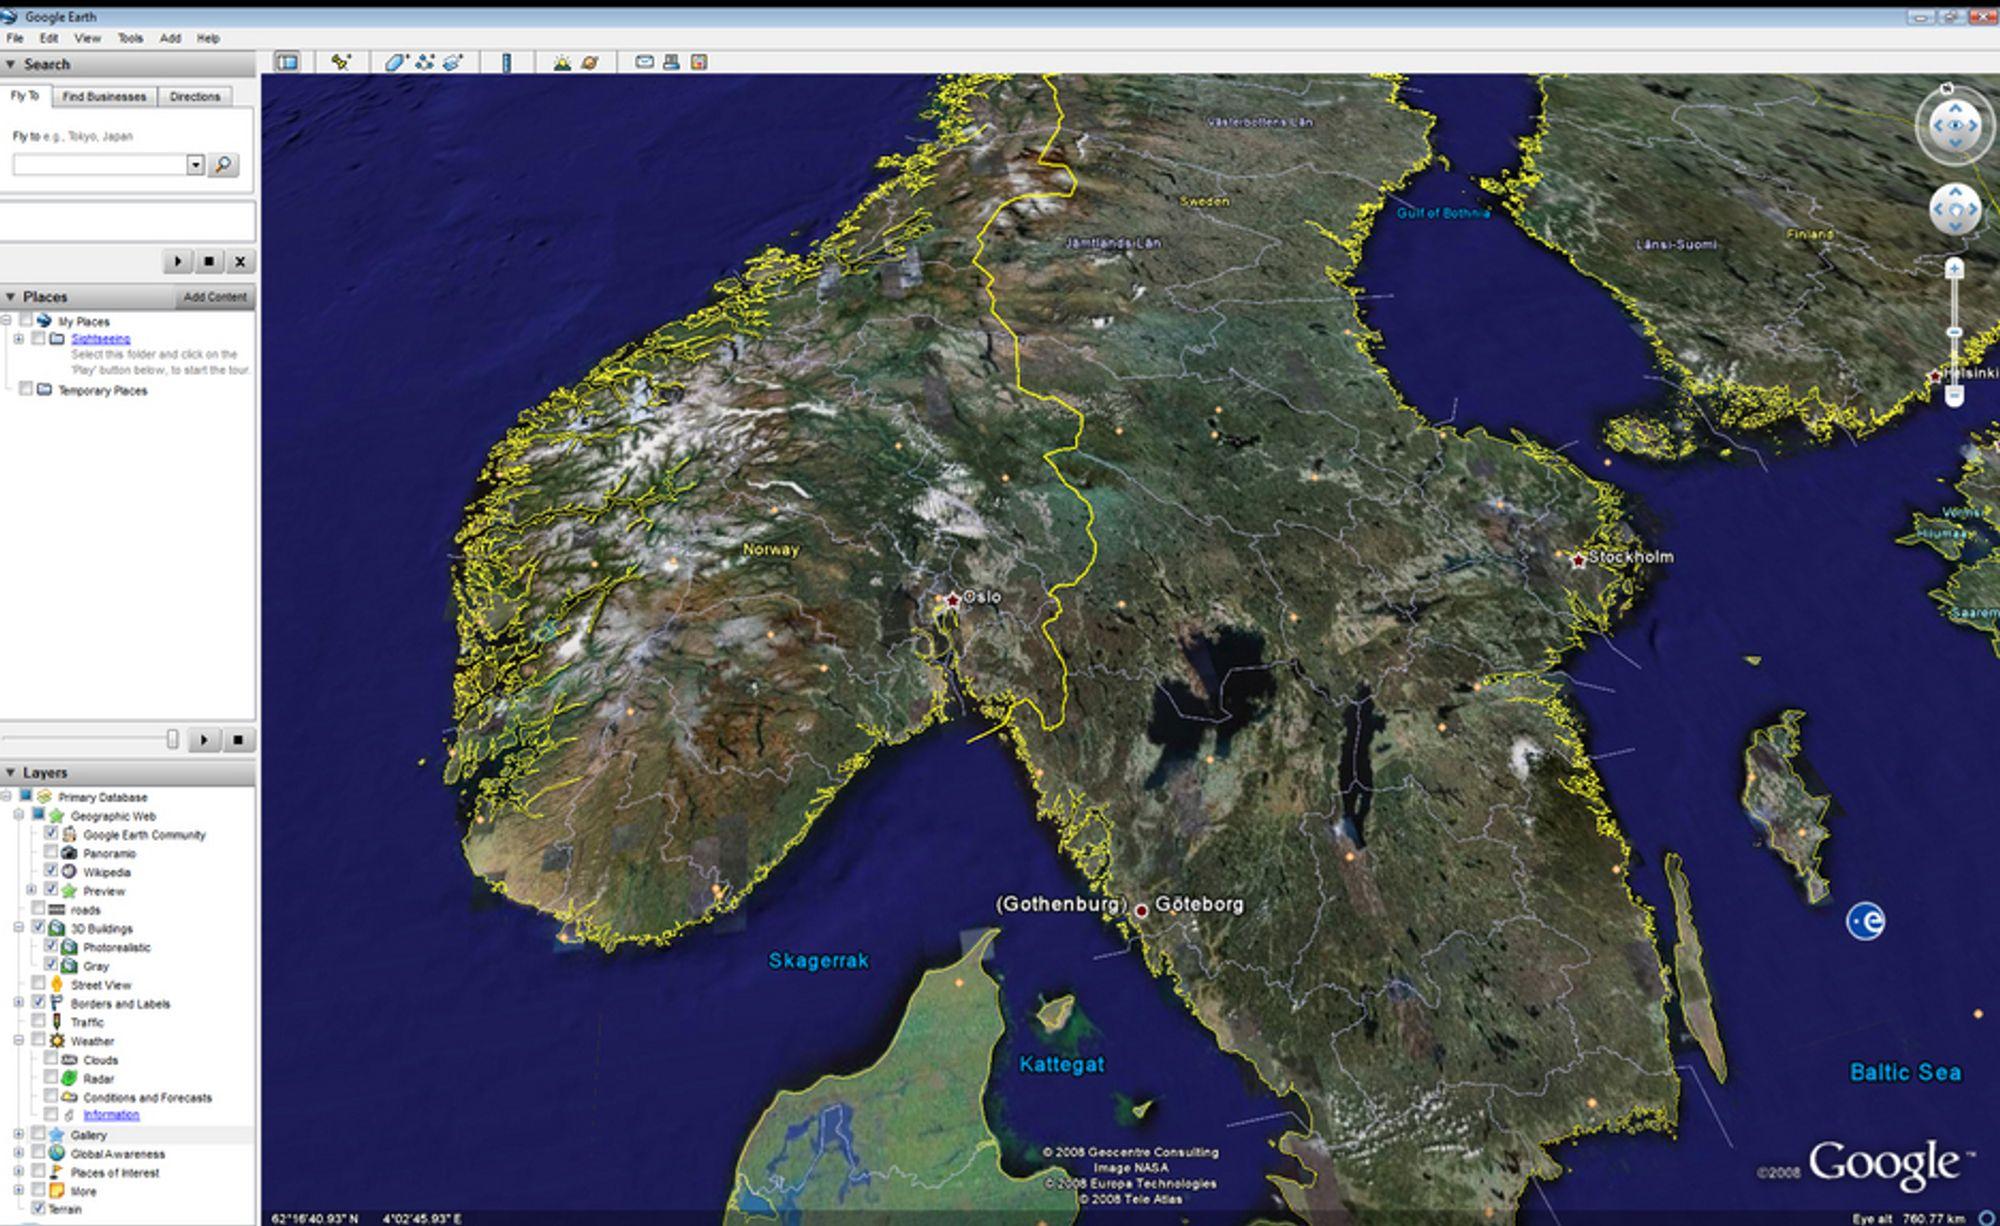 FLY LAVT: Nå kommer Google Earth også på norsk. Versjonen på bildet er på engelsk.